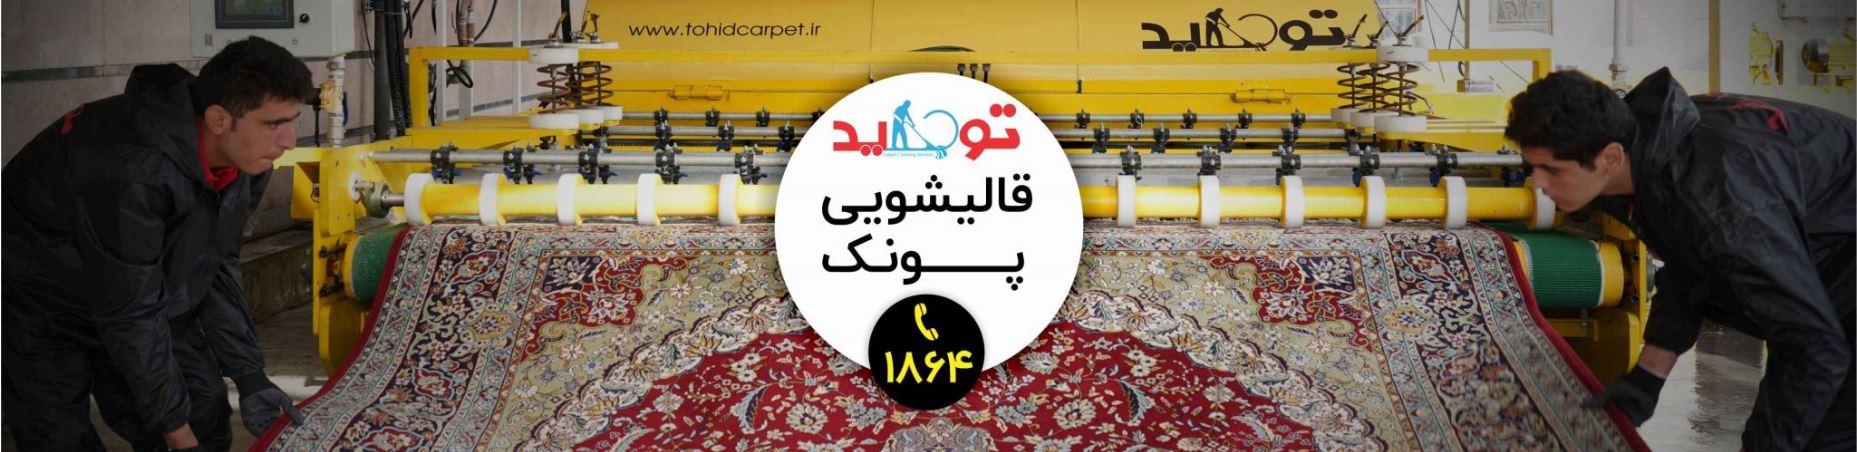 قالیشویی در پونک،قالیشویی محدوده پونک،قالیشویی خوب در پونک،قالیشویی پونک